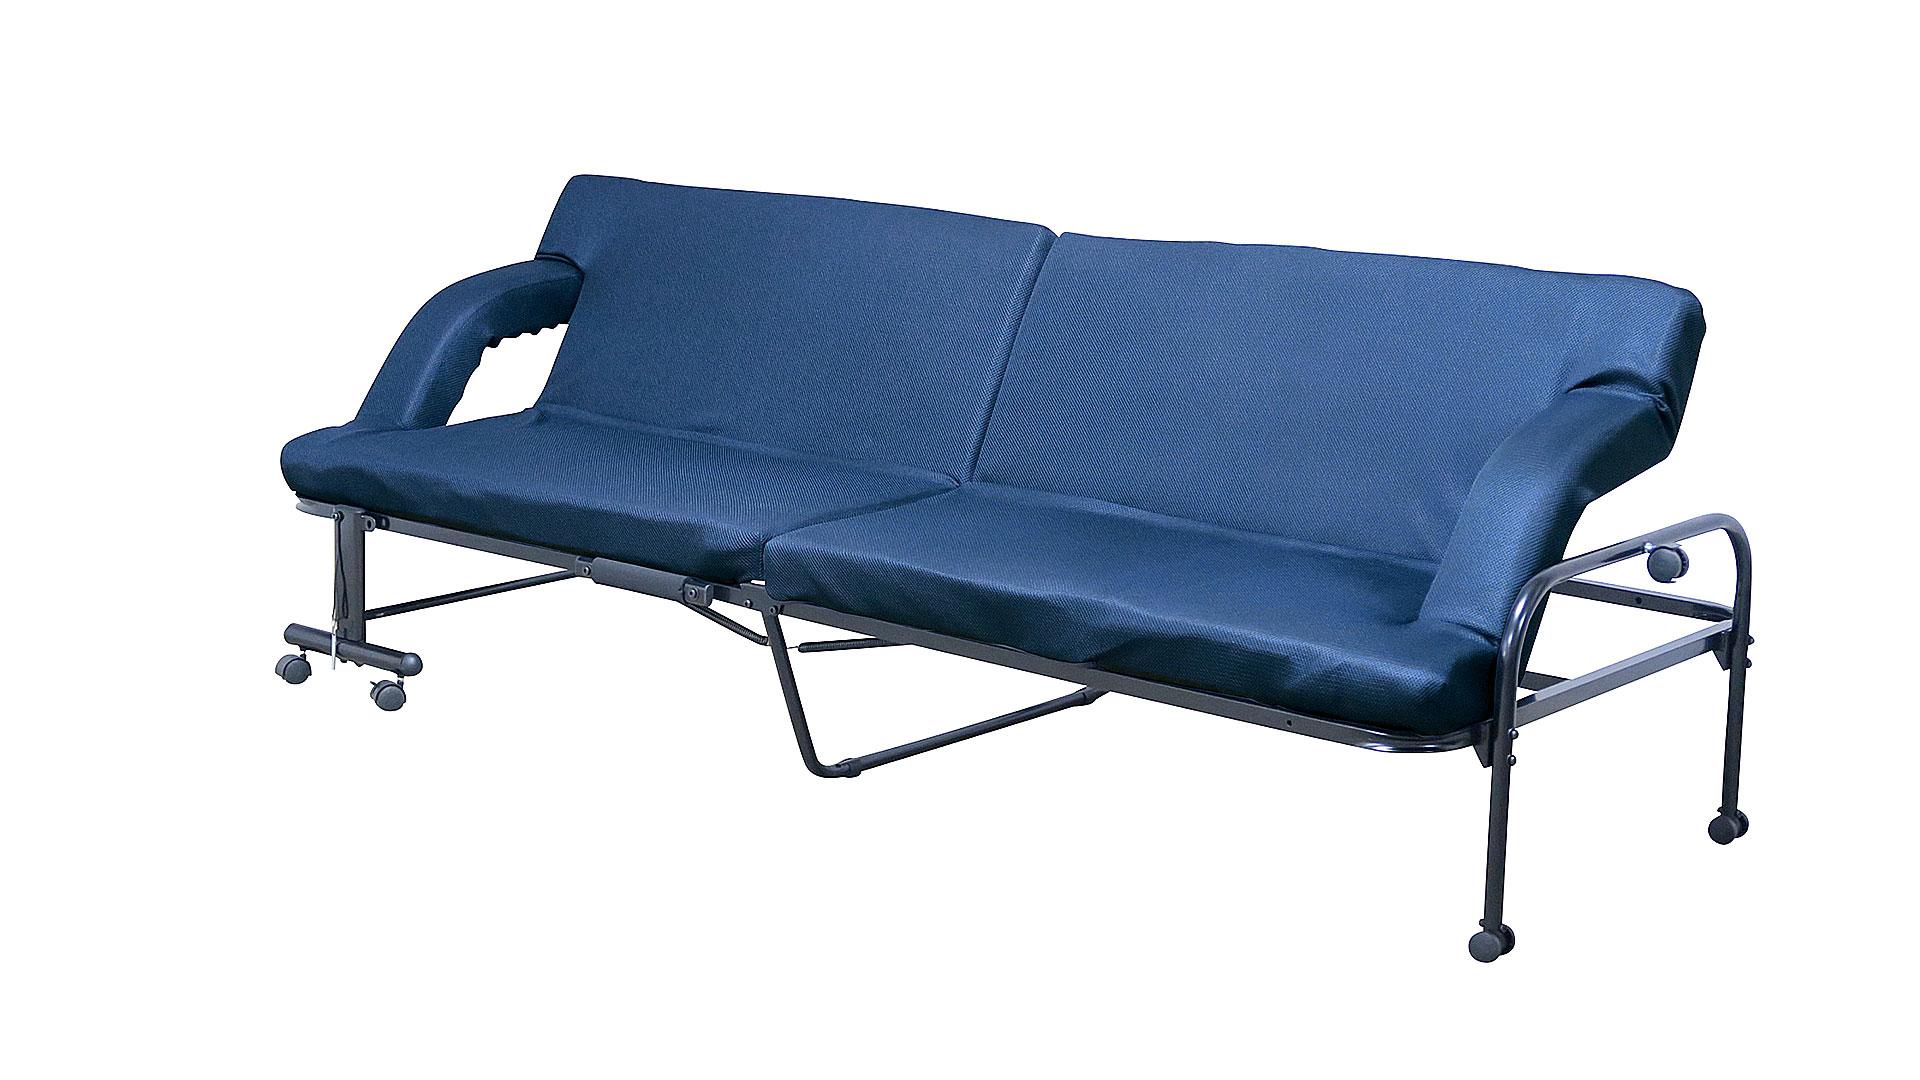 リビンズの折りたたみベッド「コルト」のソファの形にした画像